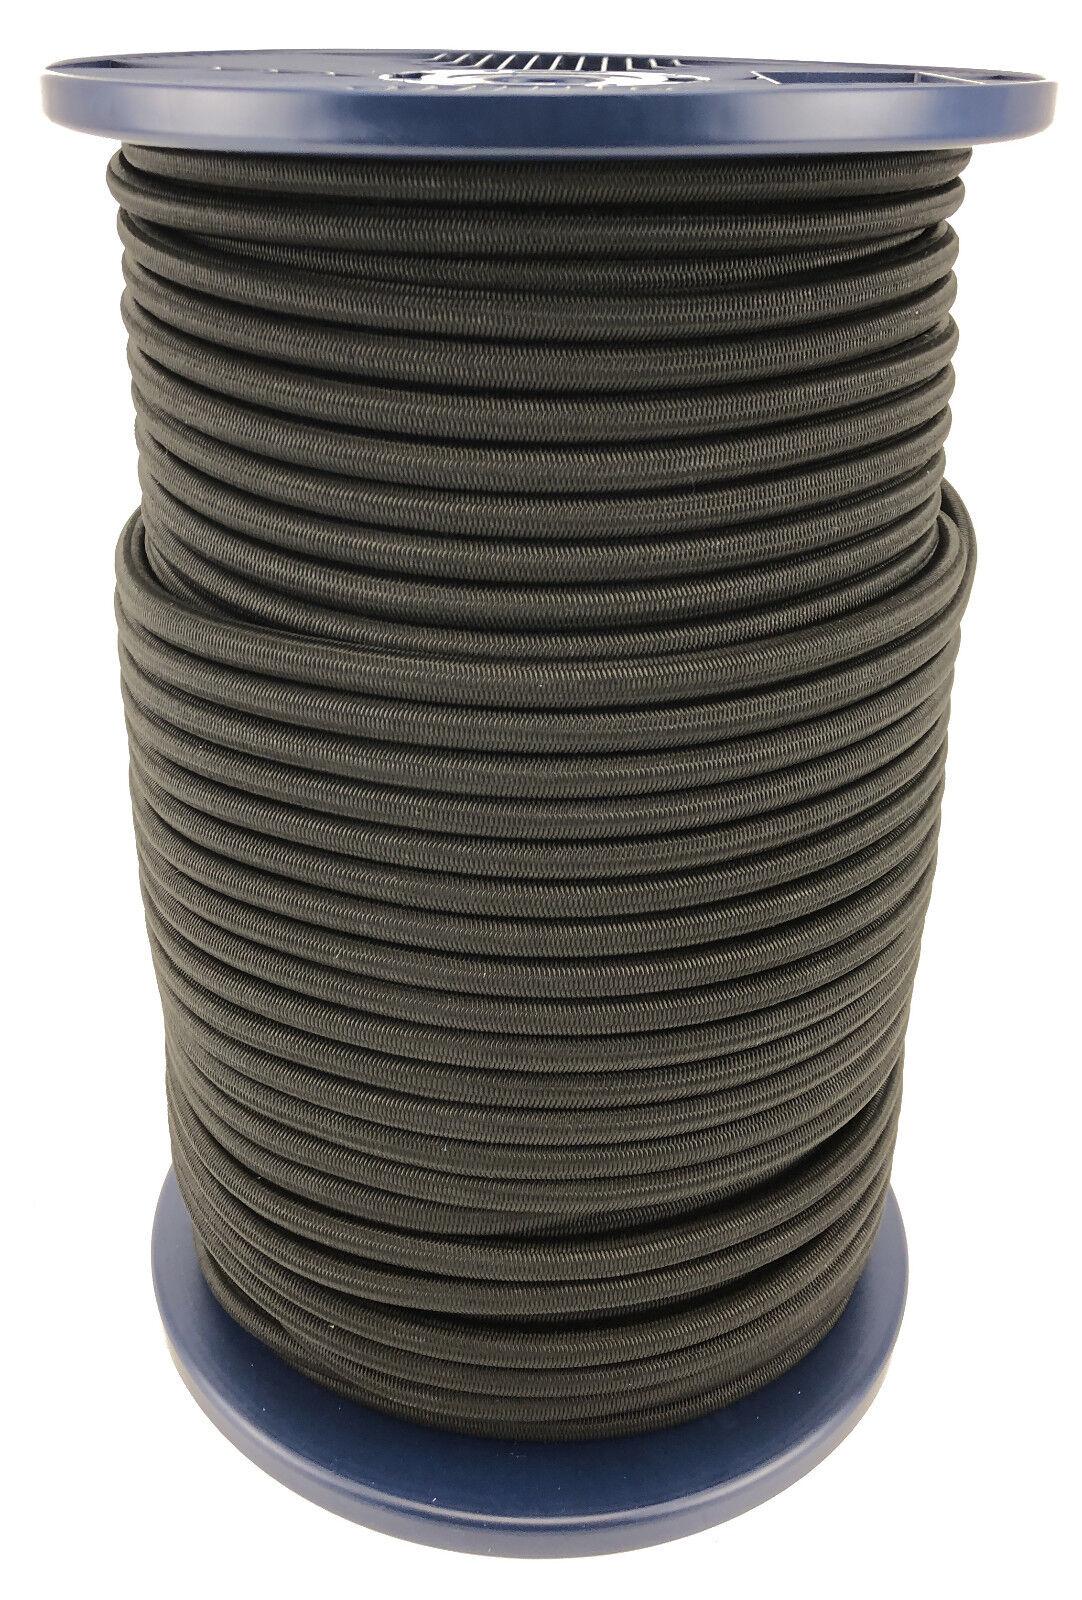 12 mm schwarz elastisch Gummi seil. Gummiseil Anbindung x 40 M